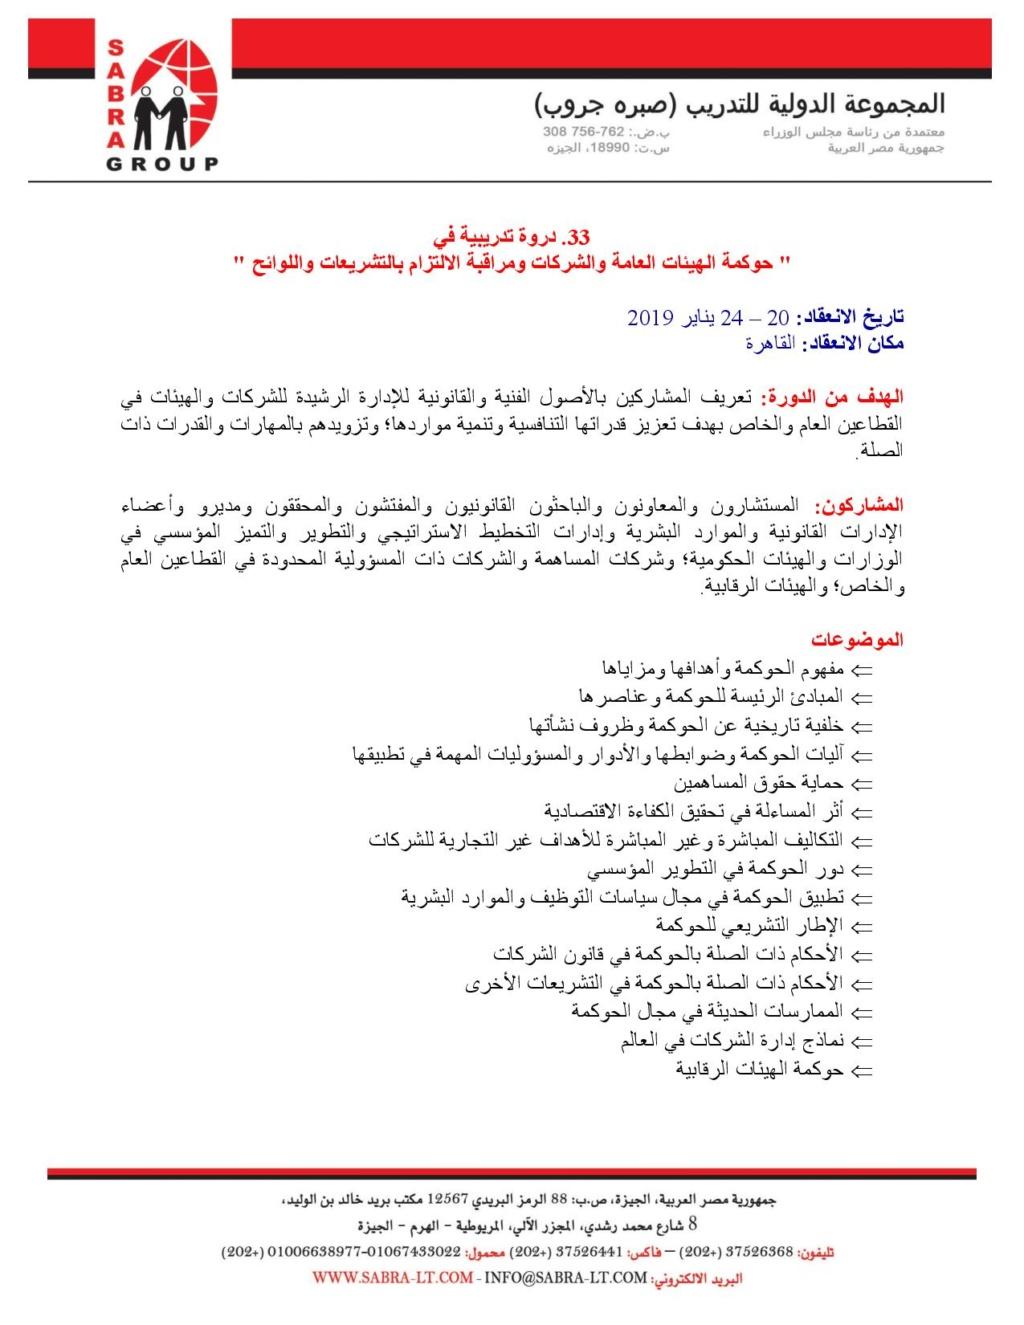 حوكمة الهيئات العامة والشركات ومراقبة الالتزام بالتشريعات واللوائح Docume10